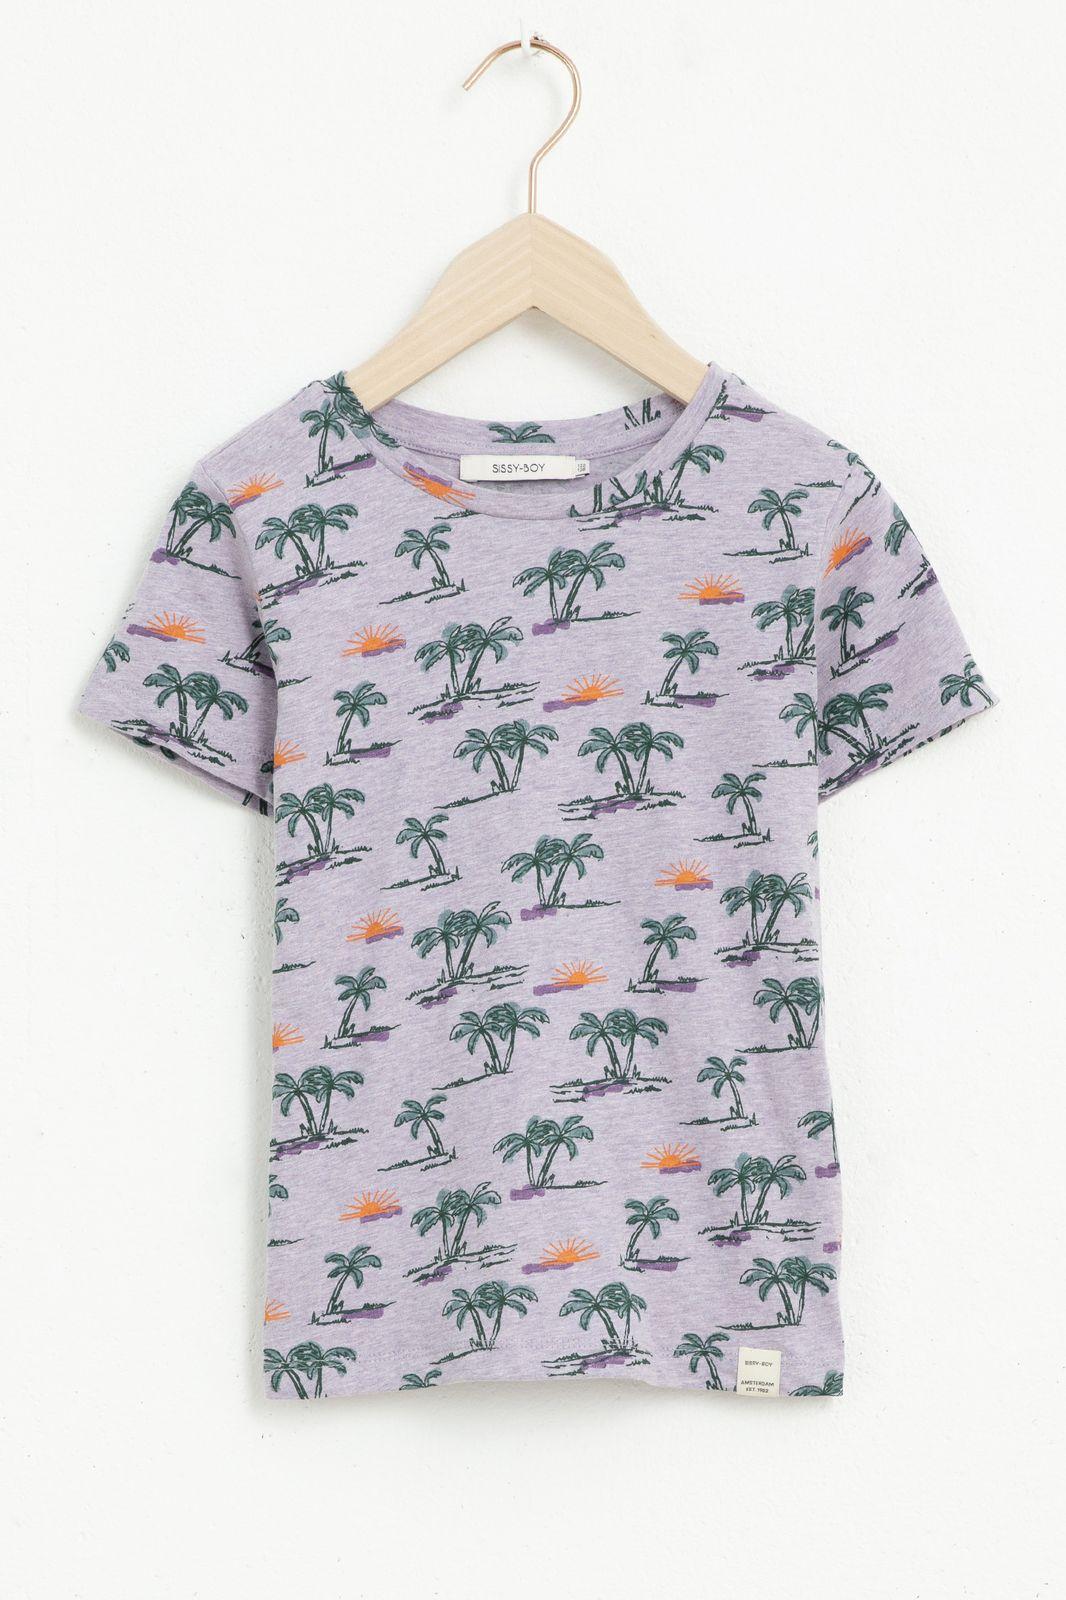 Paars T-shirt met korte mouw en all over plamboom print